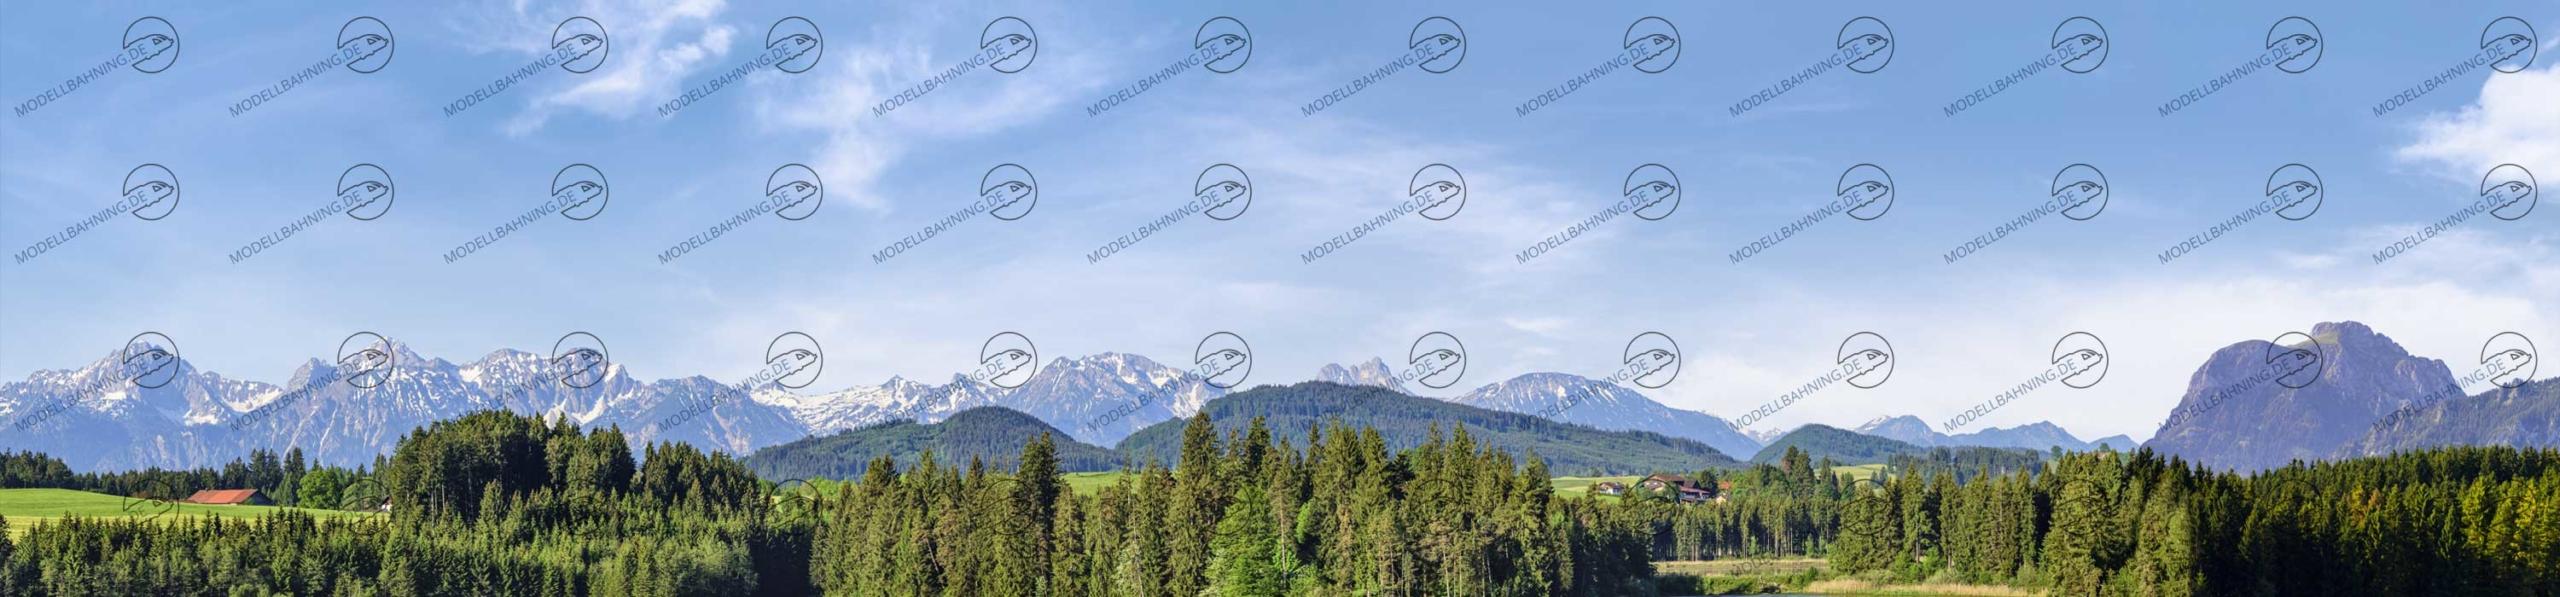 Bayern mit Alpenbergen Teil 3 – Modellbahn Hintergrund 300cm x 70 cm 4